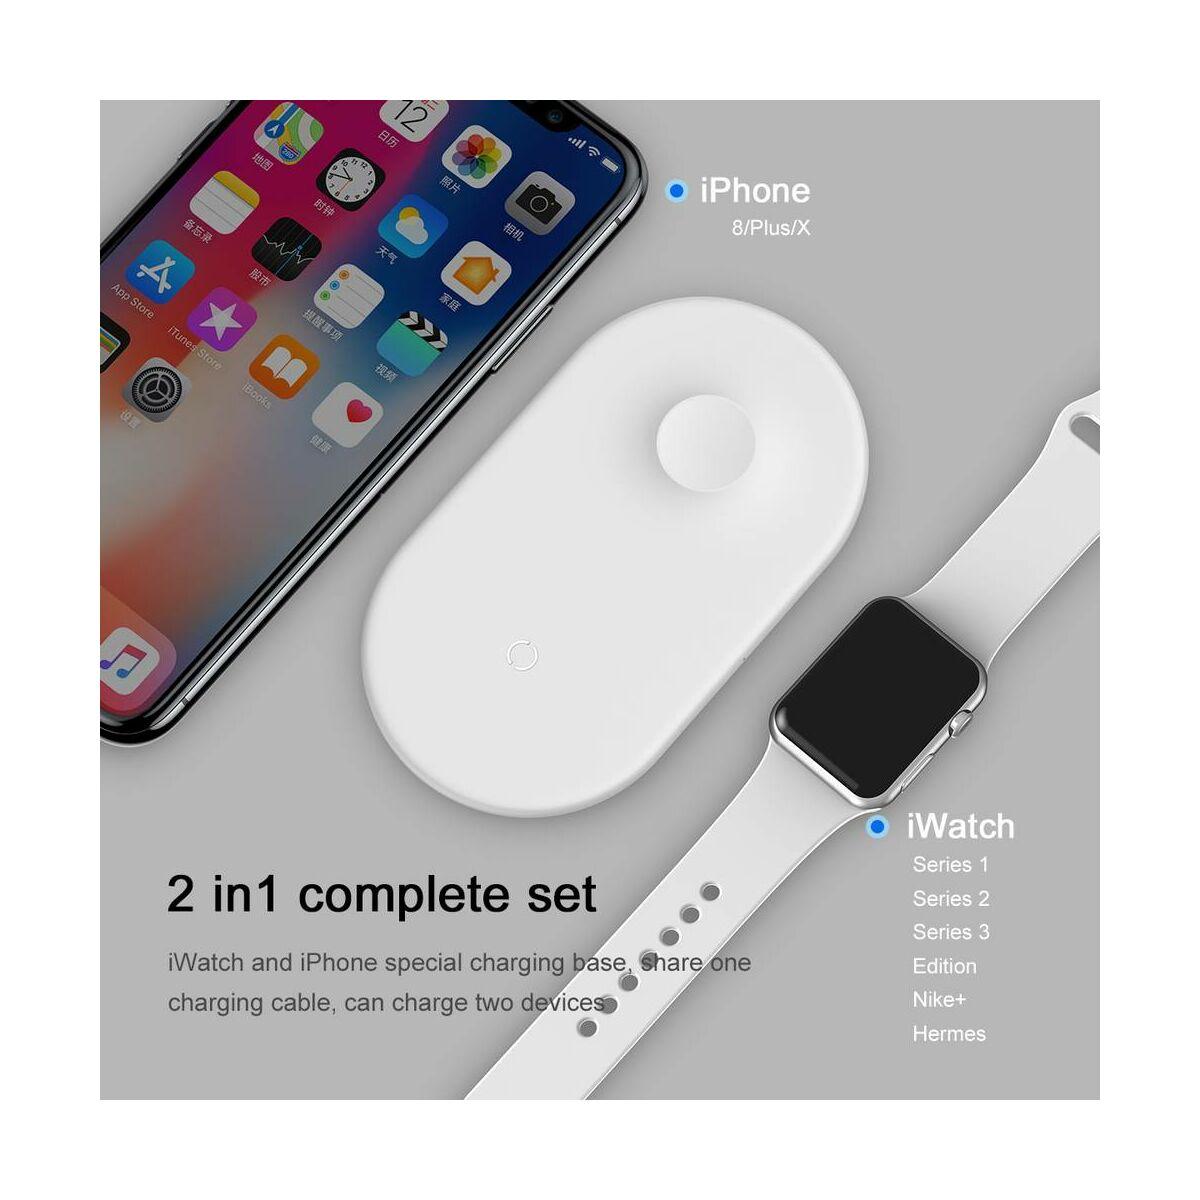 Baseus vezeték nélküli gyors töltés Smart 2-in-1 okostelefonokhoz és órákhoz 10W, fehér (WX2IN1-02)